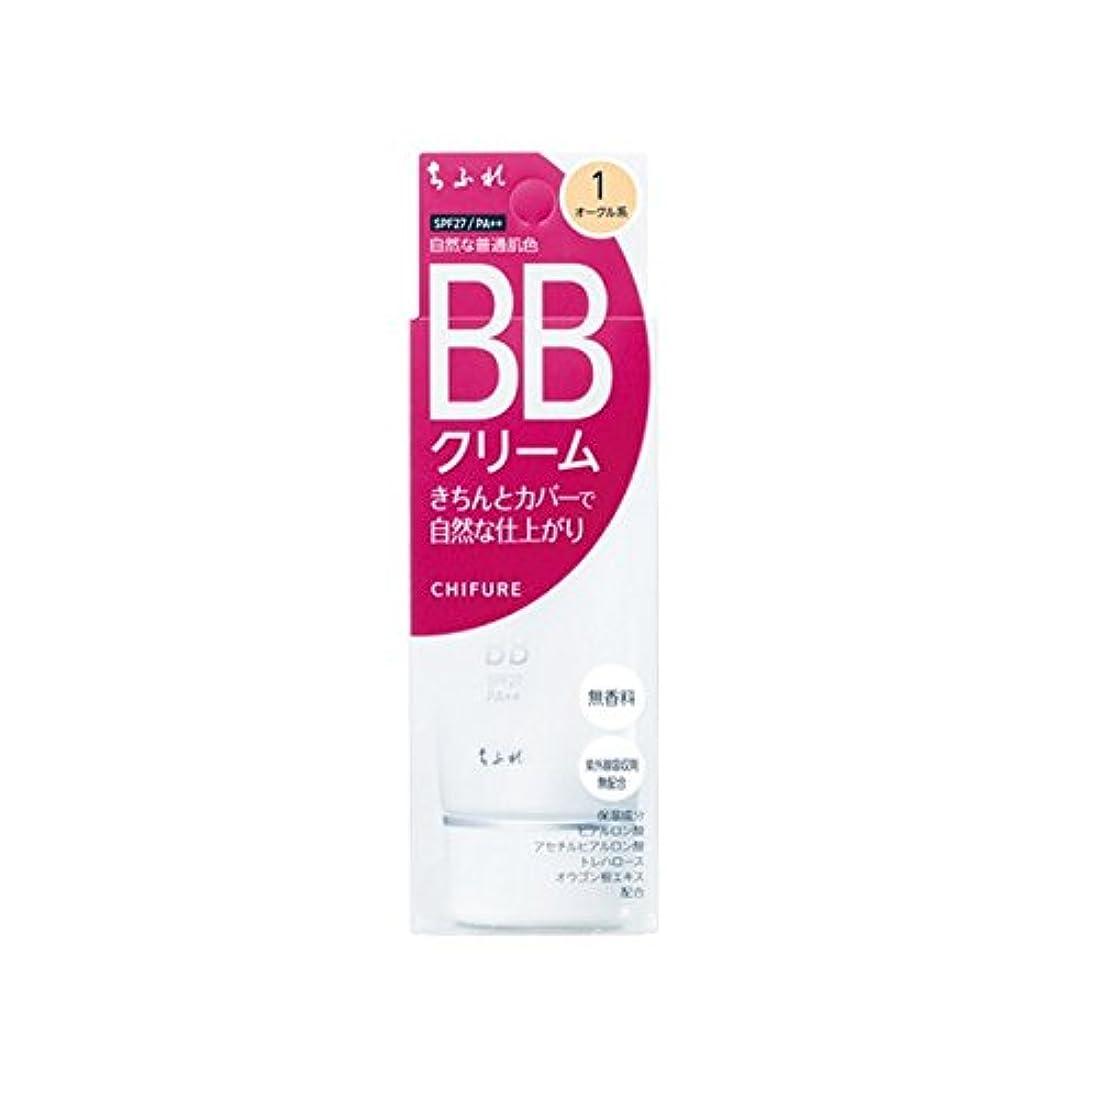 安定性交アブセイちふれ化粧品 BB クリーム 1 自然な普通肌色 BBクリーム 1